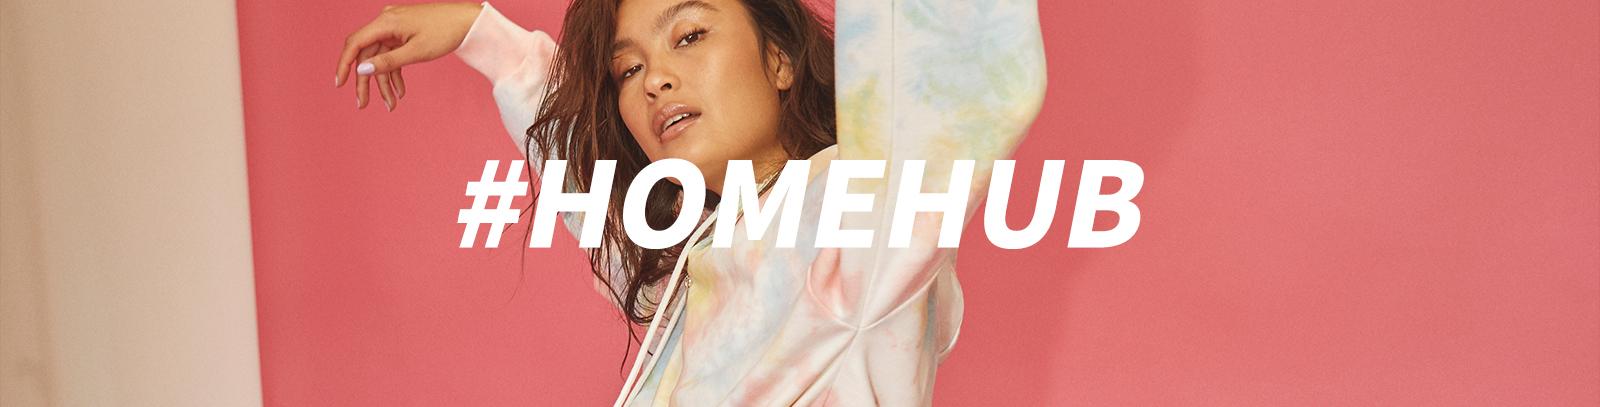 #HOMEHUB